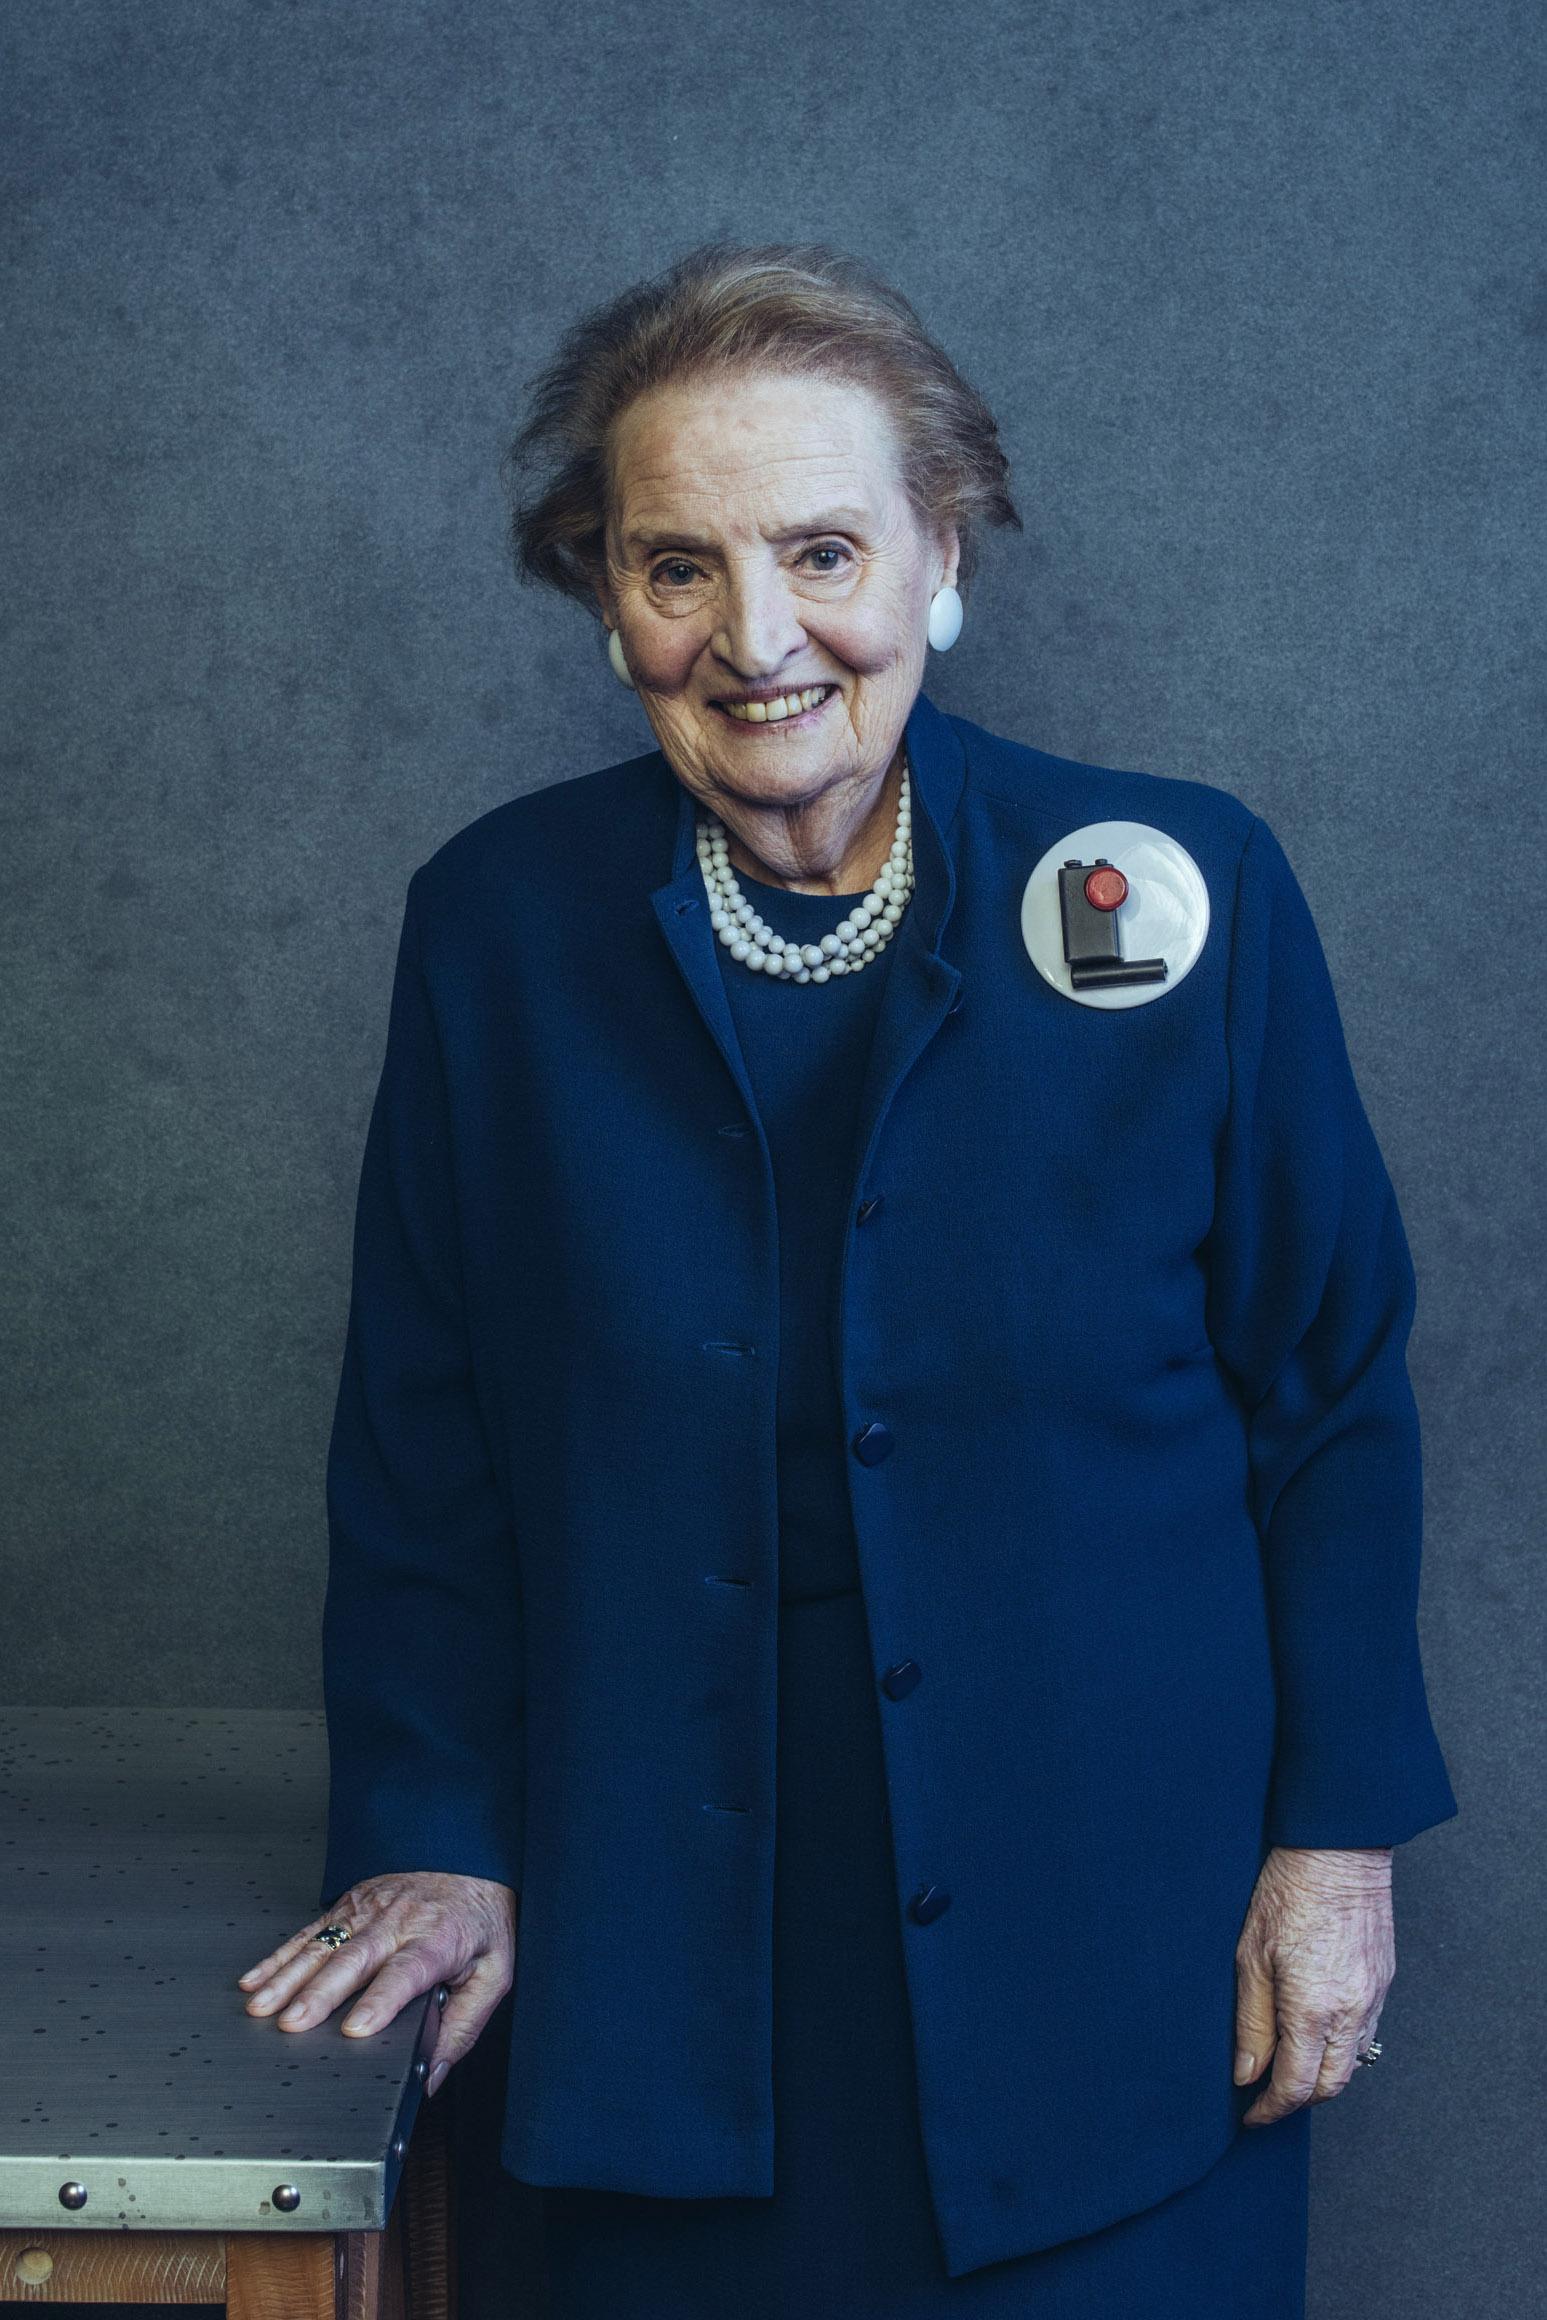 Former Secretary of State Madeline Albright